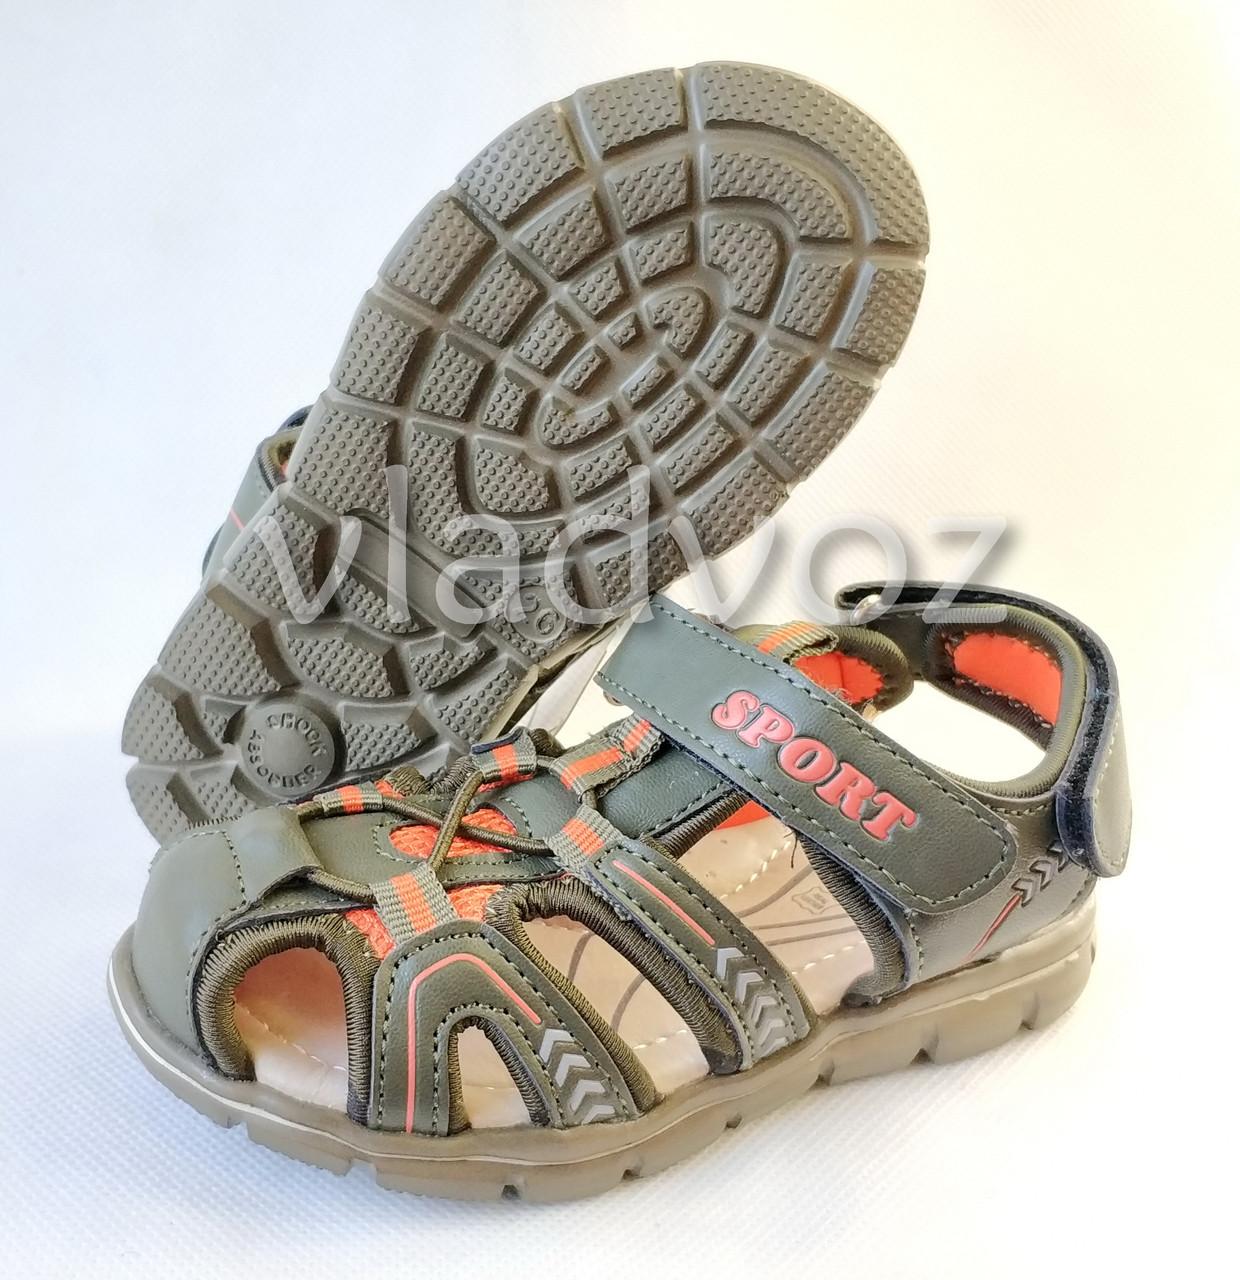 Детские босоножки сандалии для мальчика на мальчиков мальчику Tom.M хаки Спорт 30р.